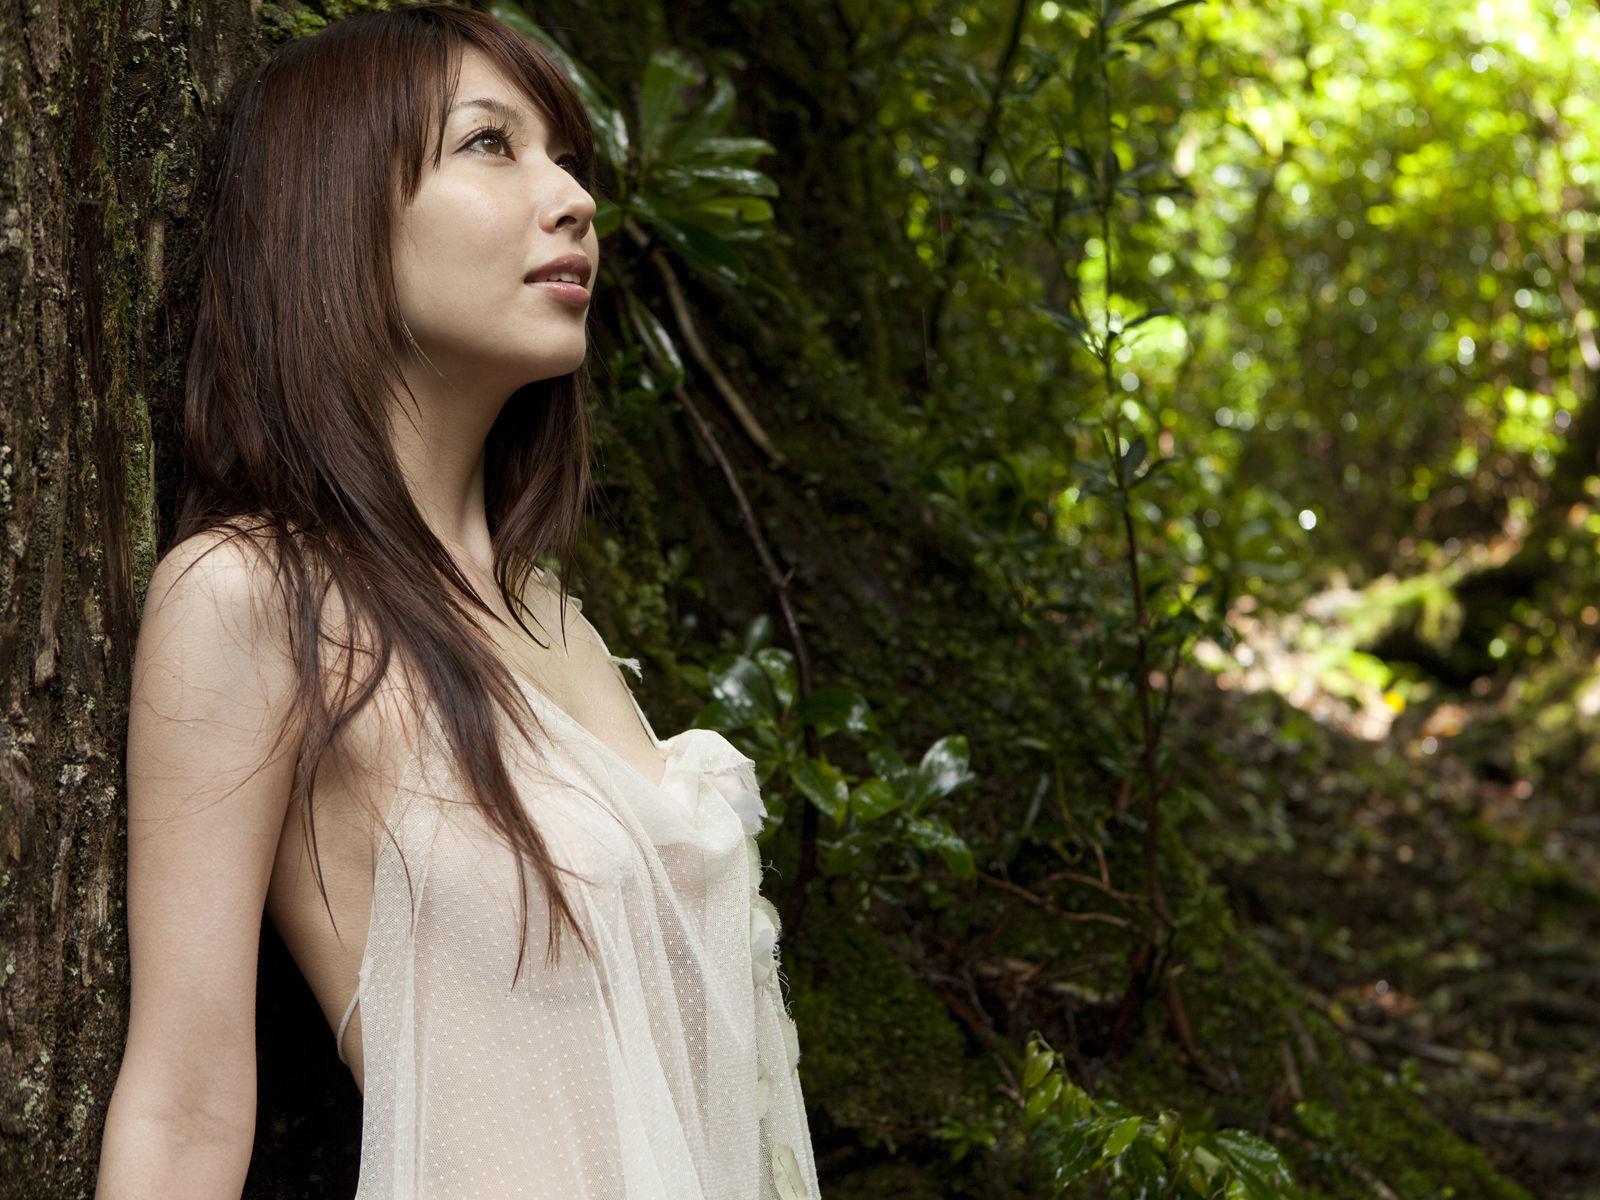 小林恵美28